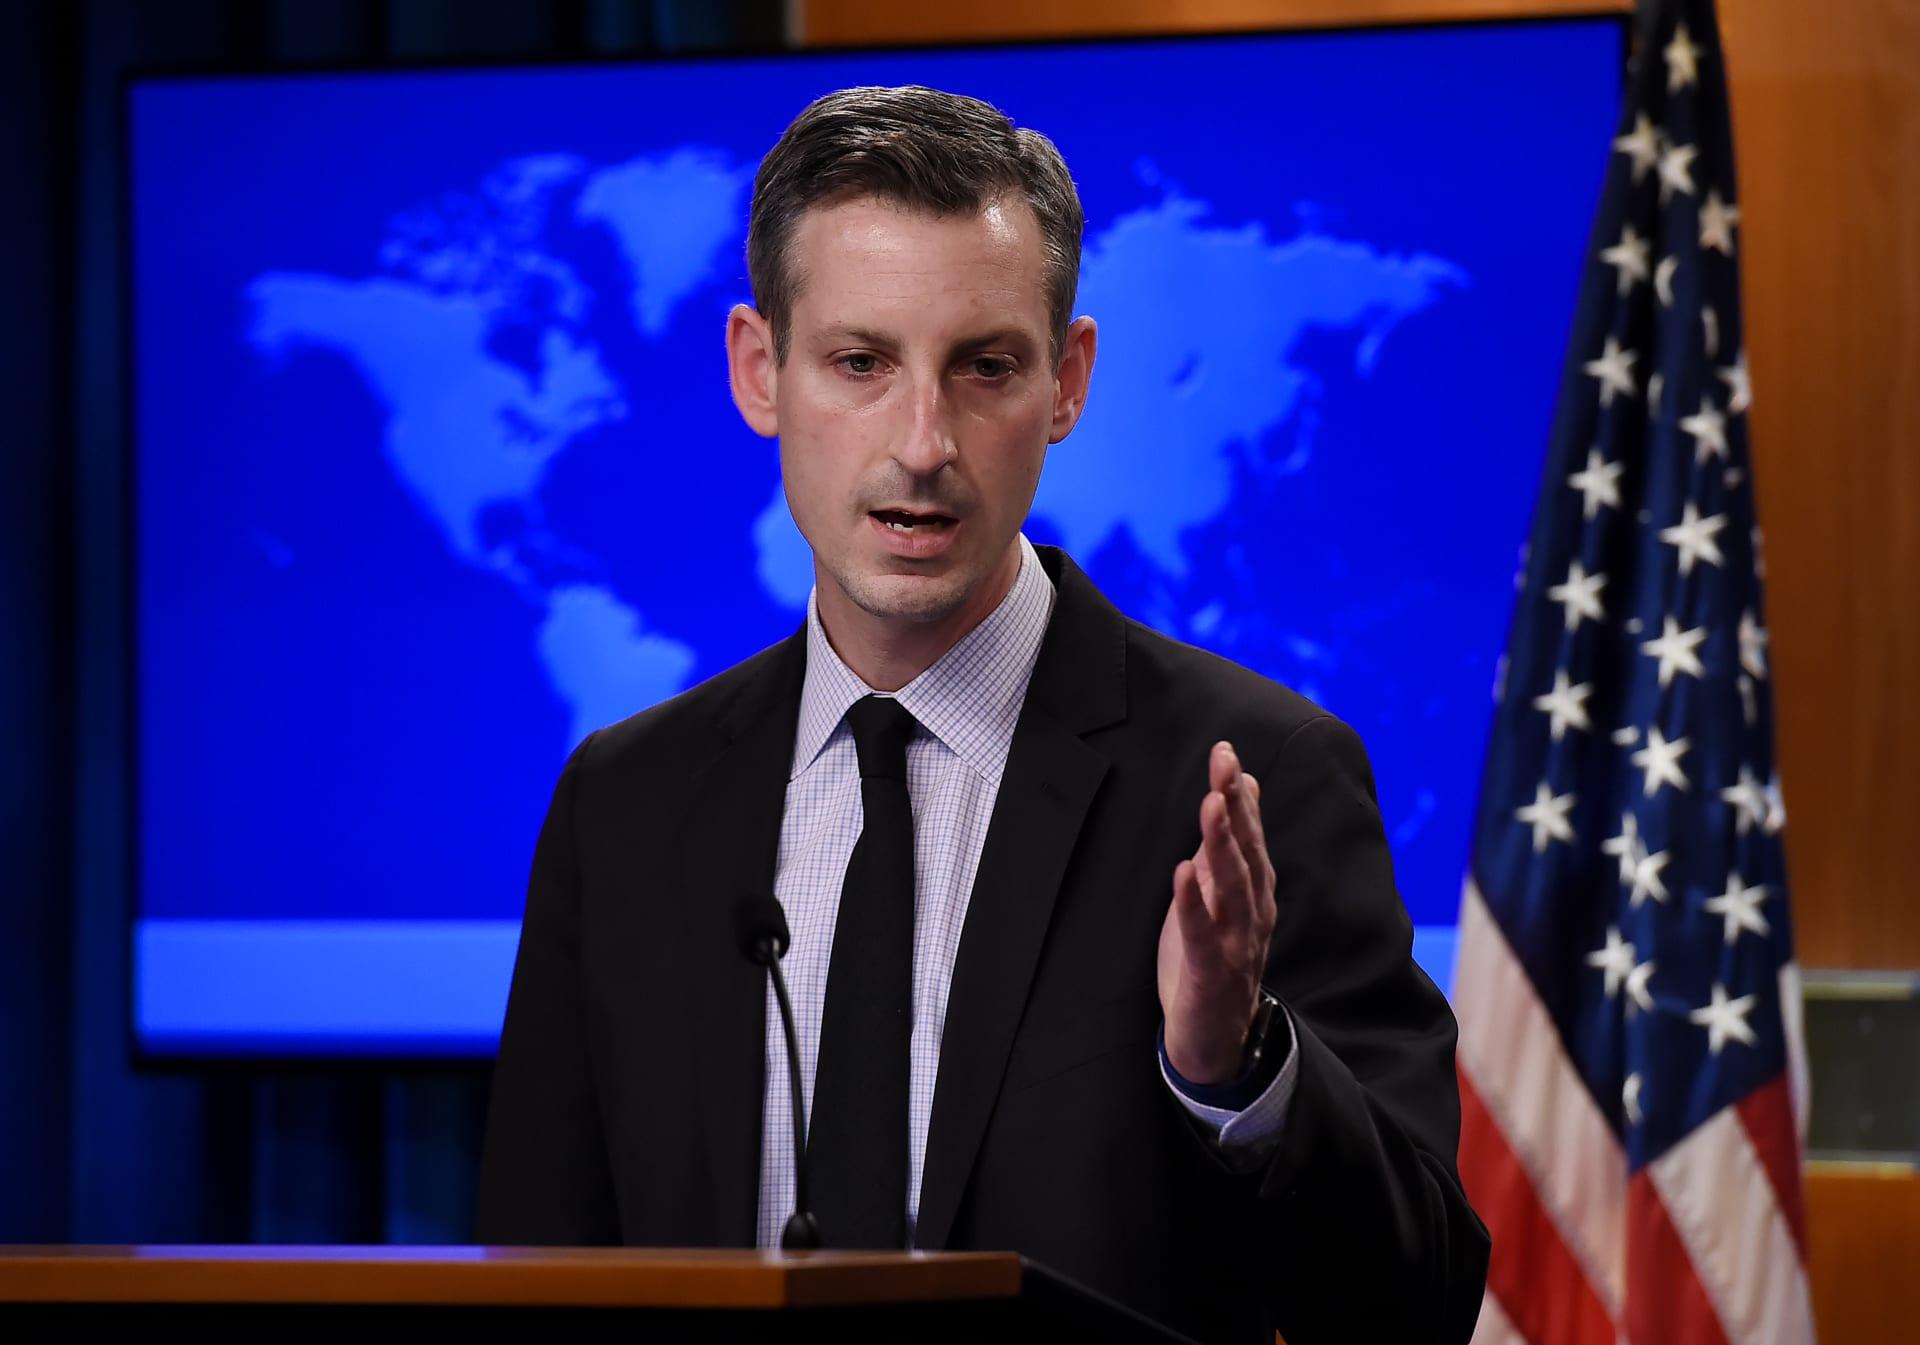 نيد برايس المتحدث باسم الخارجية الأمريكية